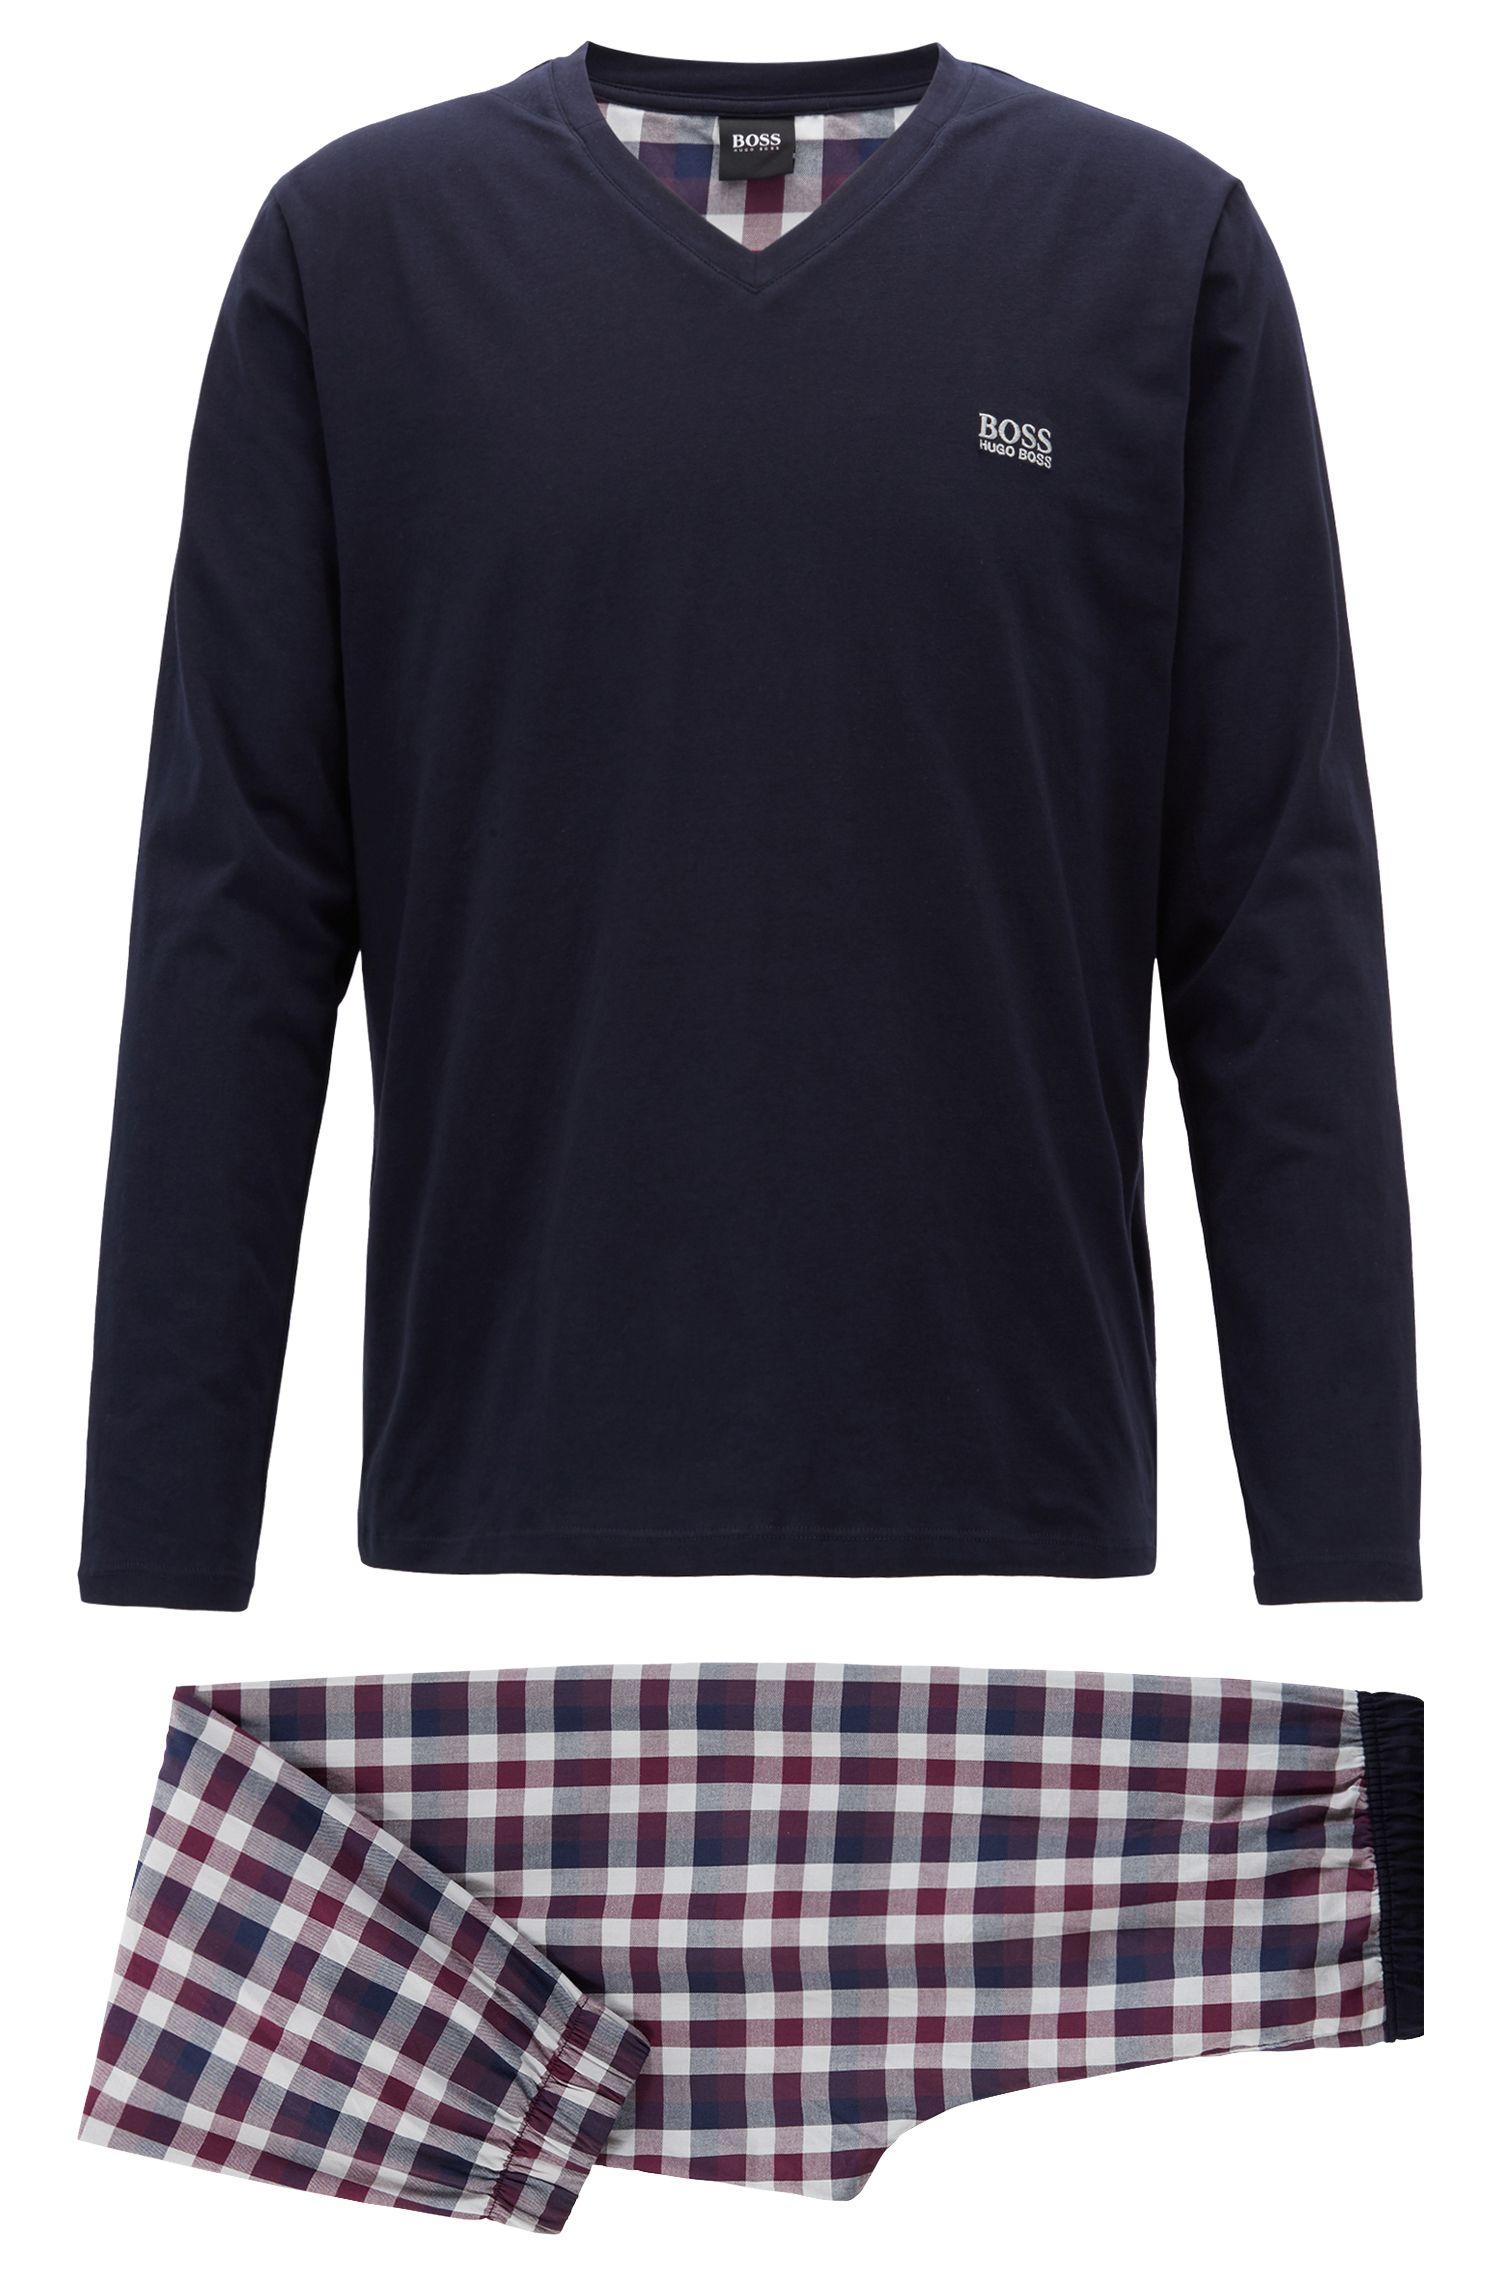 Pyjamaset van geborstelde katoen met een effen ruitdessin, Donkerpaars